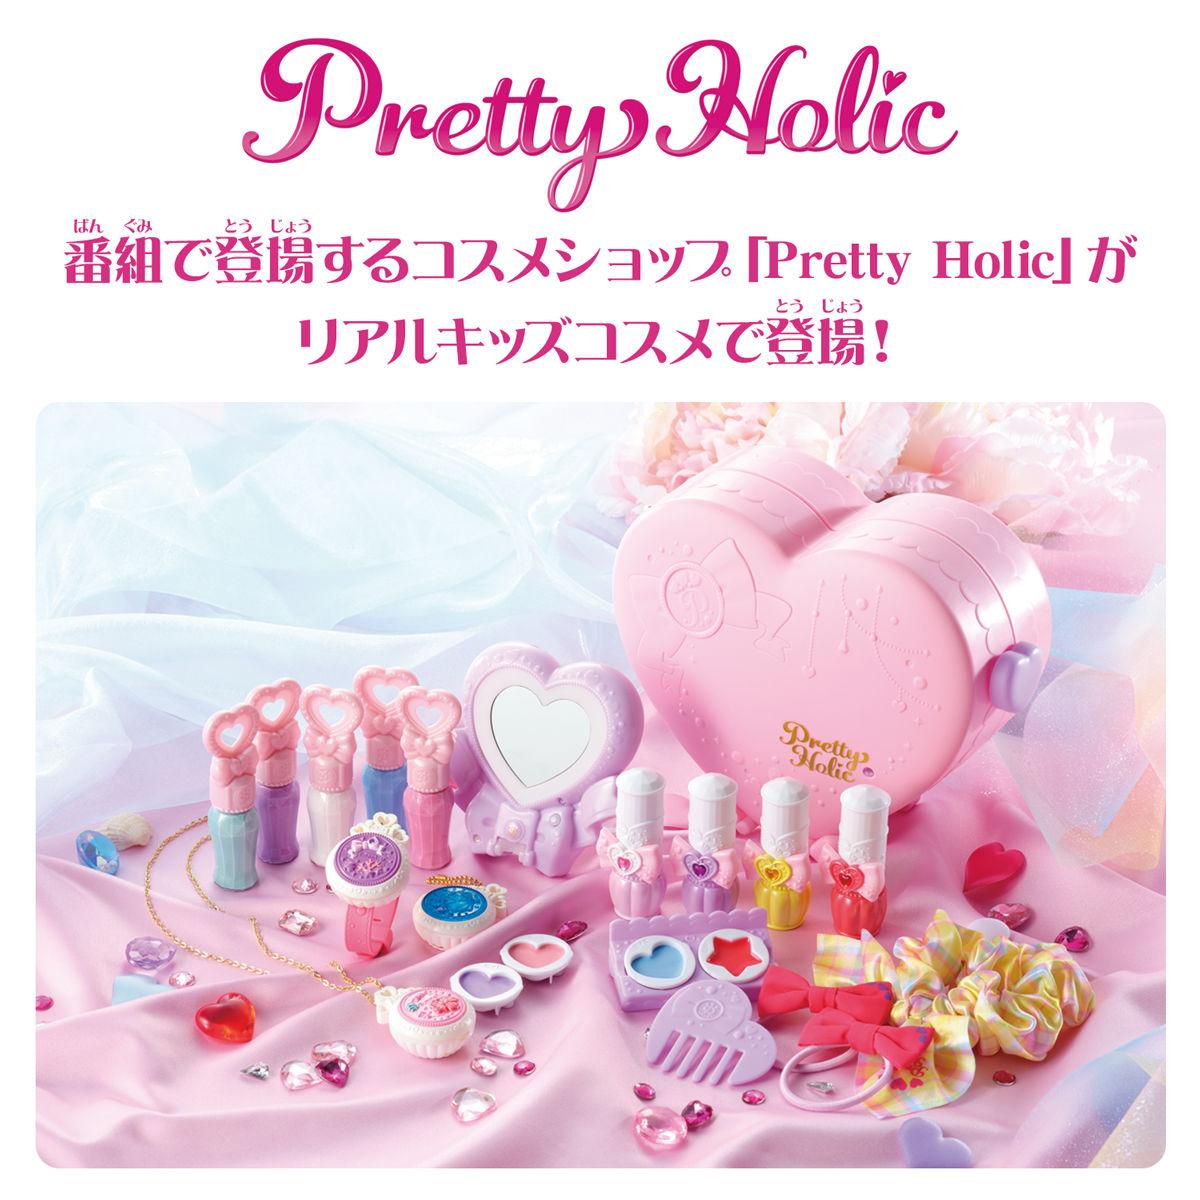 Pretty Holic ハートアイズミラー